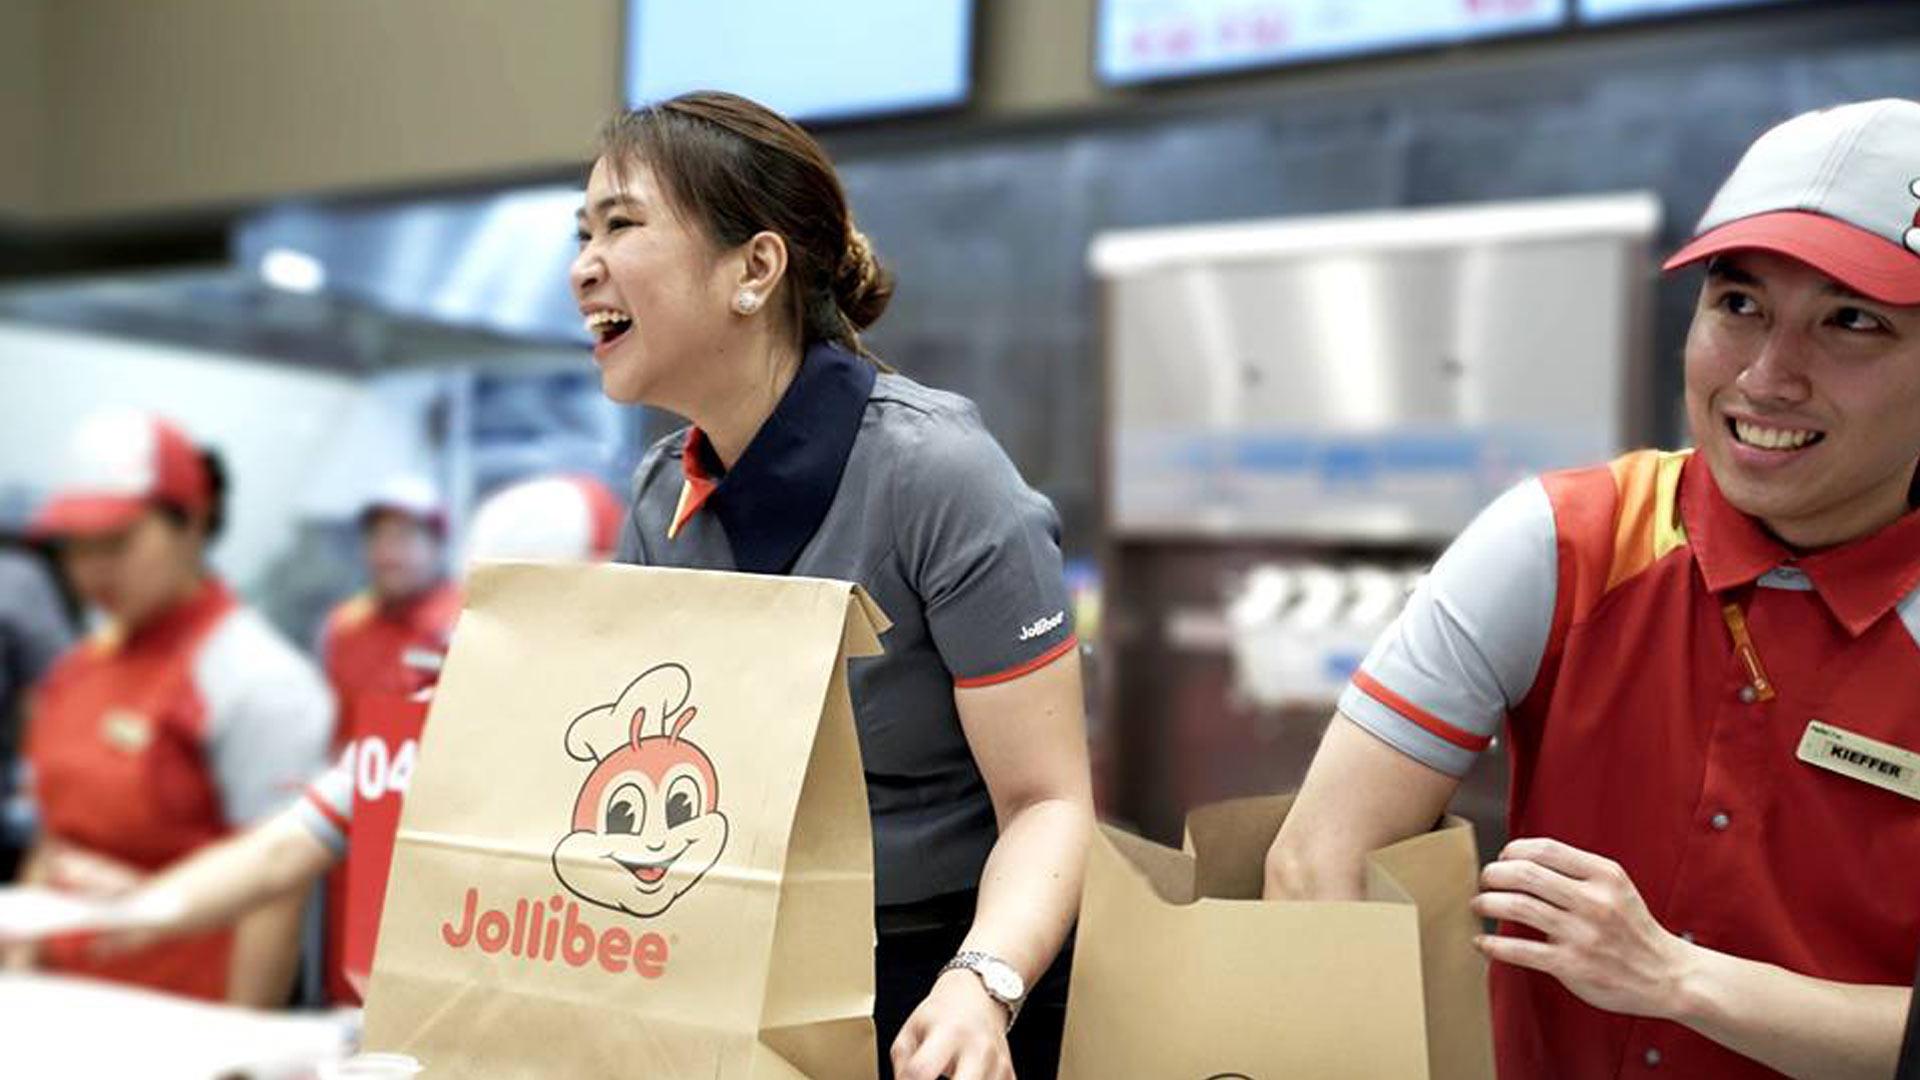 La catena di fast-food Jollibee apre in Italia e sceglie Nexil